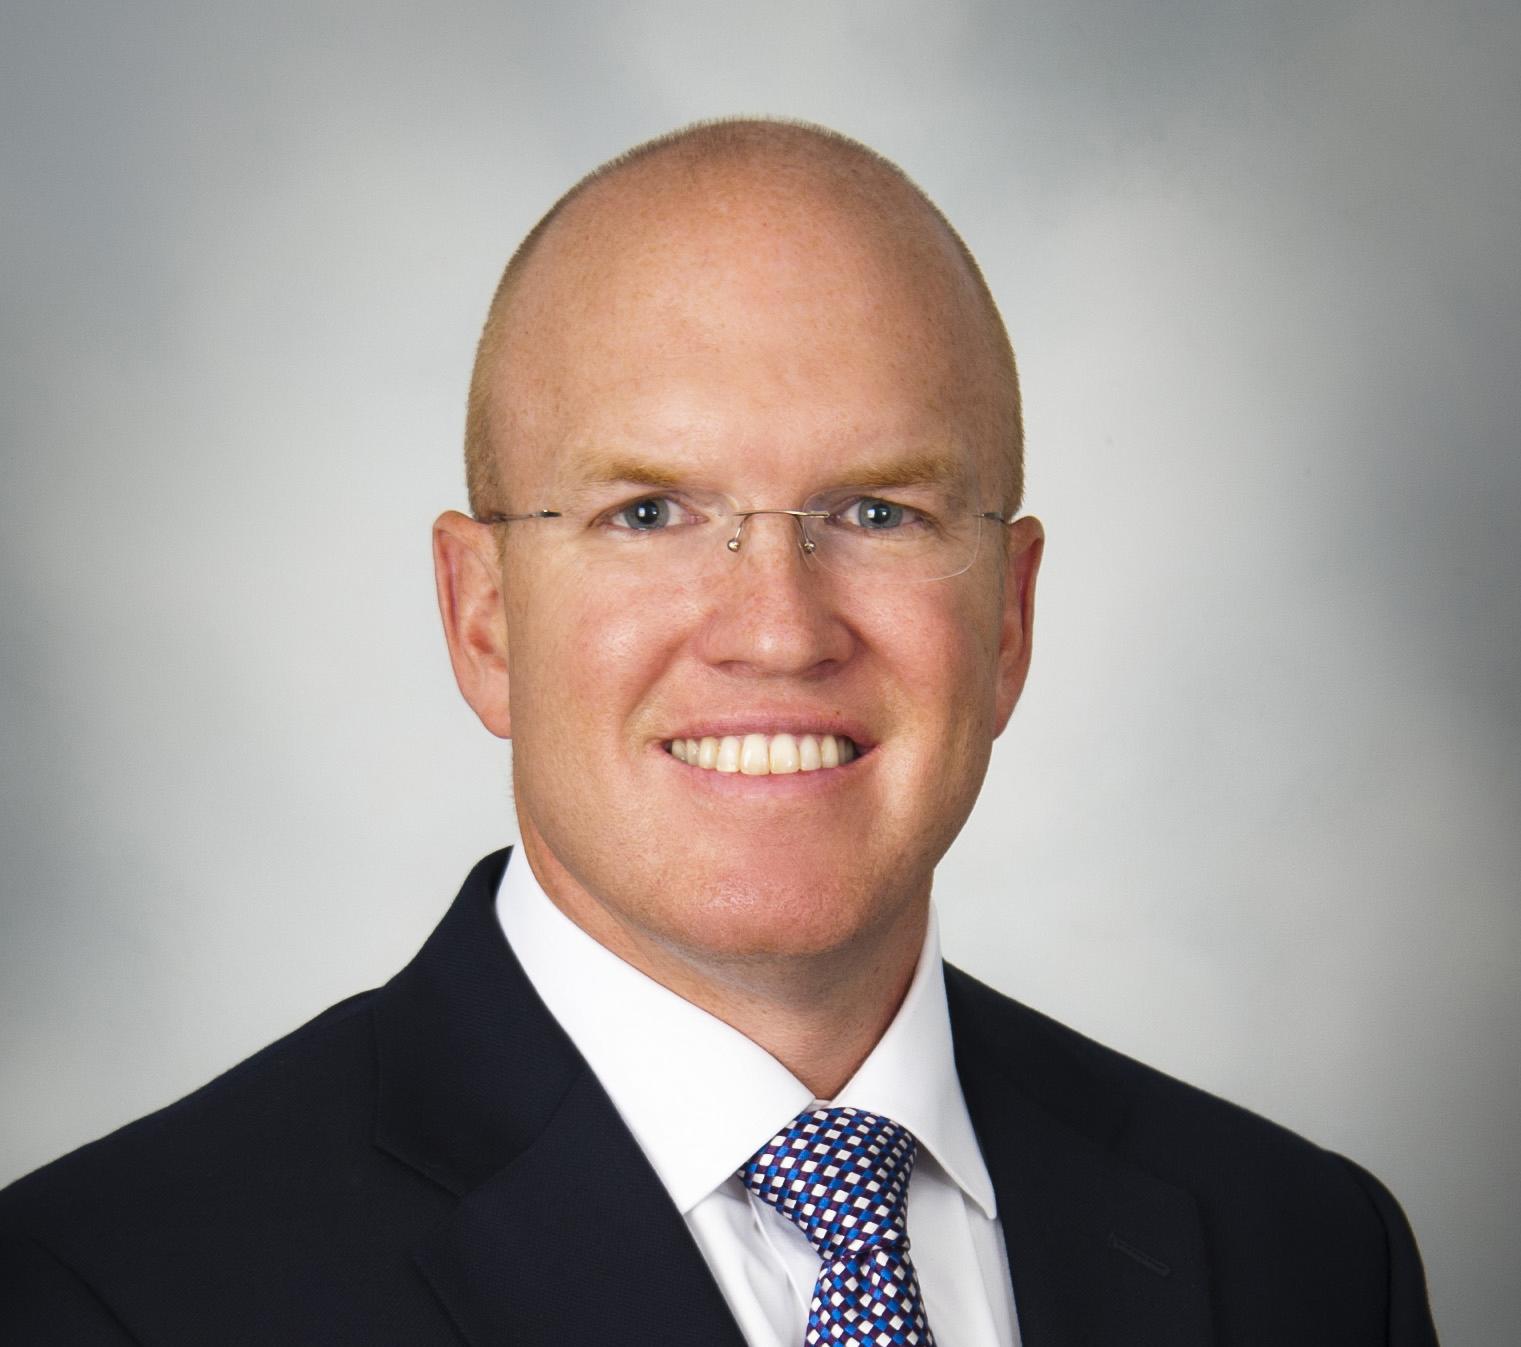 Aaron M. Puckett, MBA, CFP®